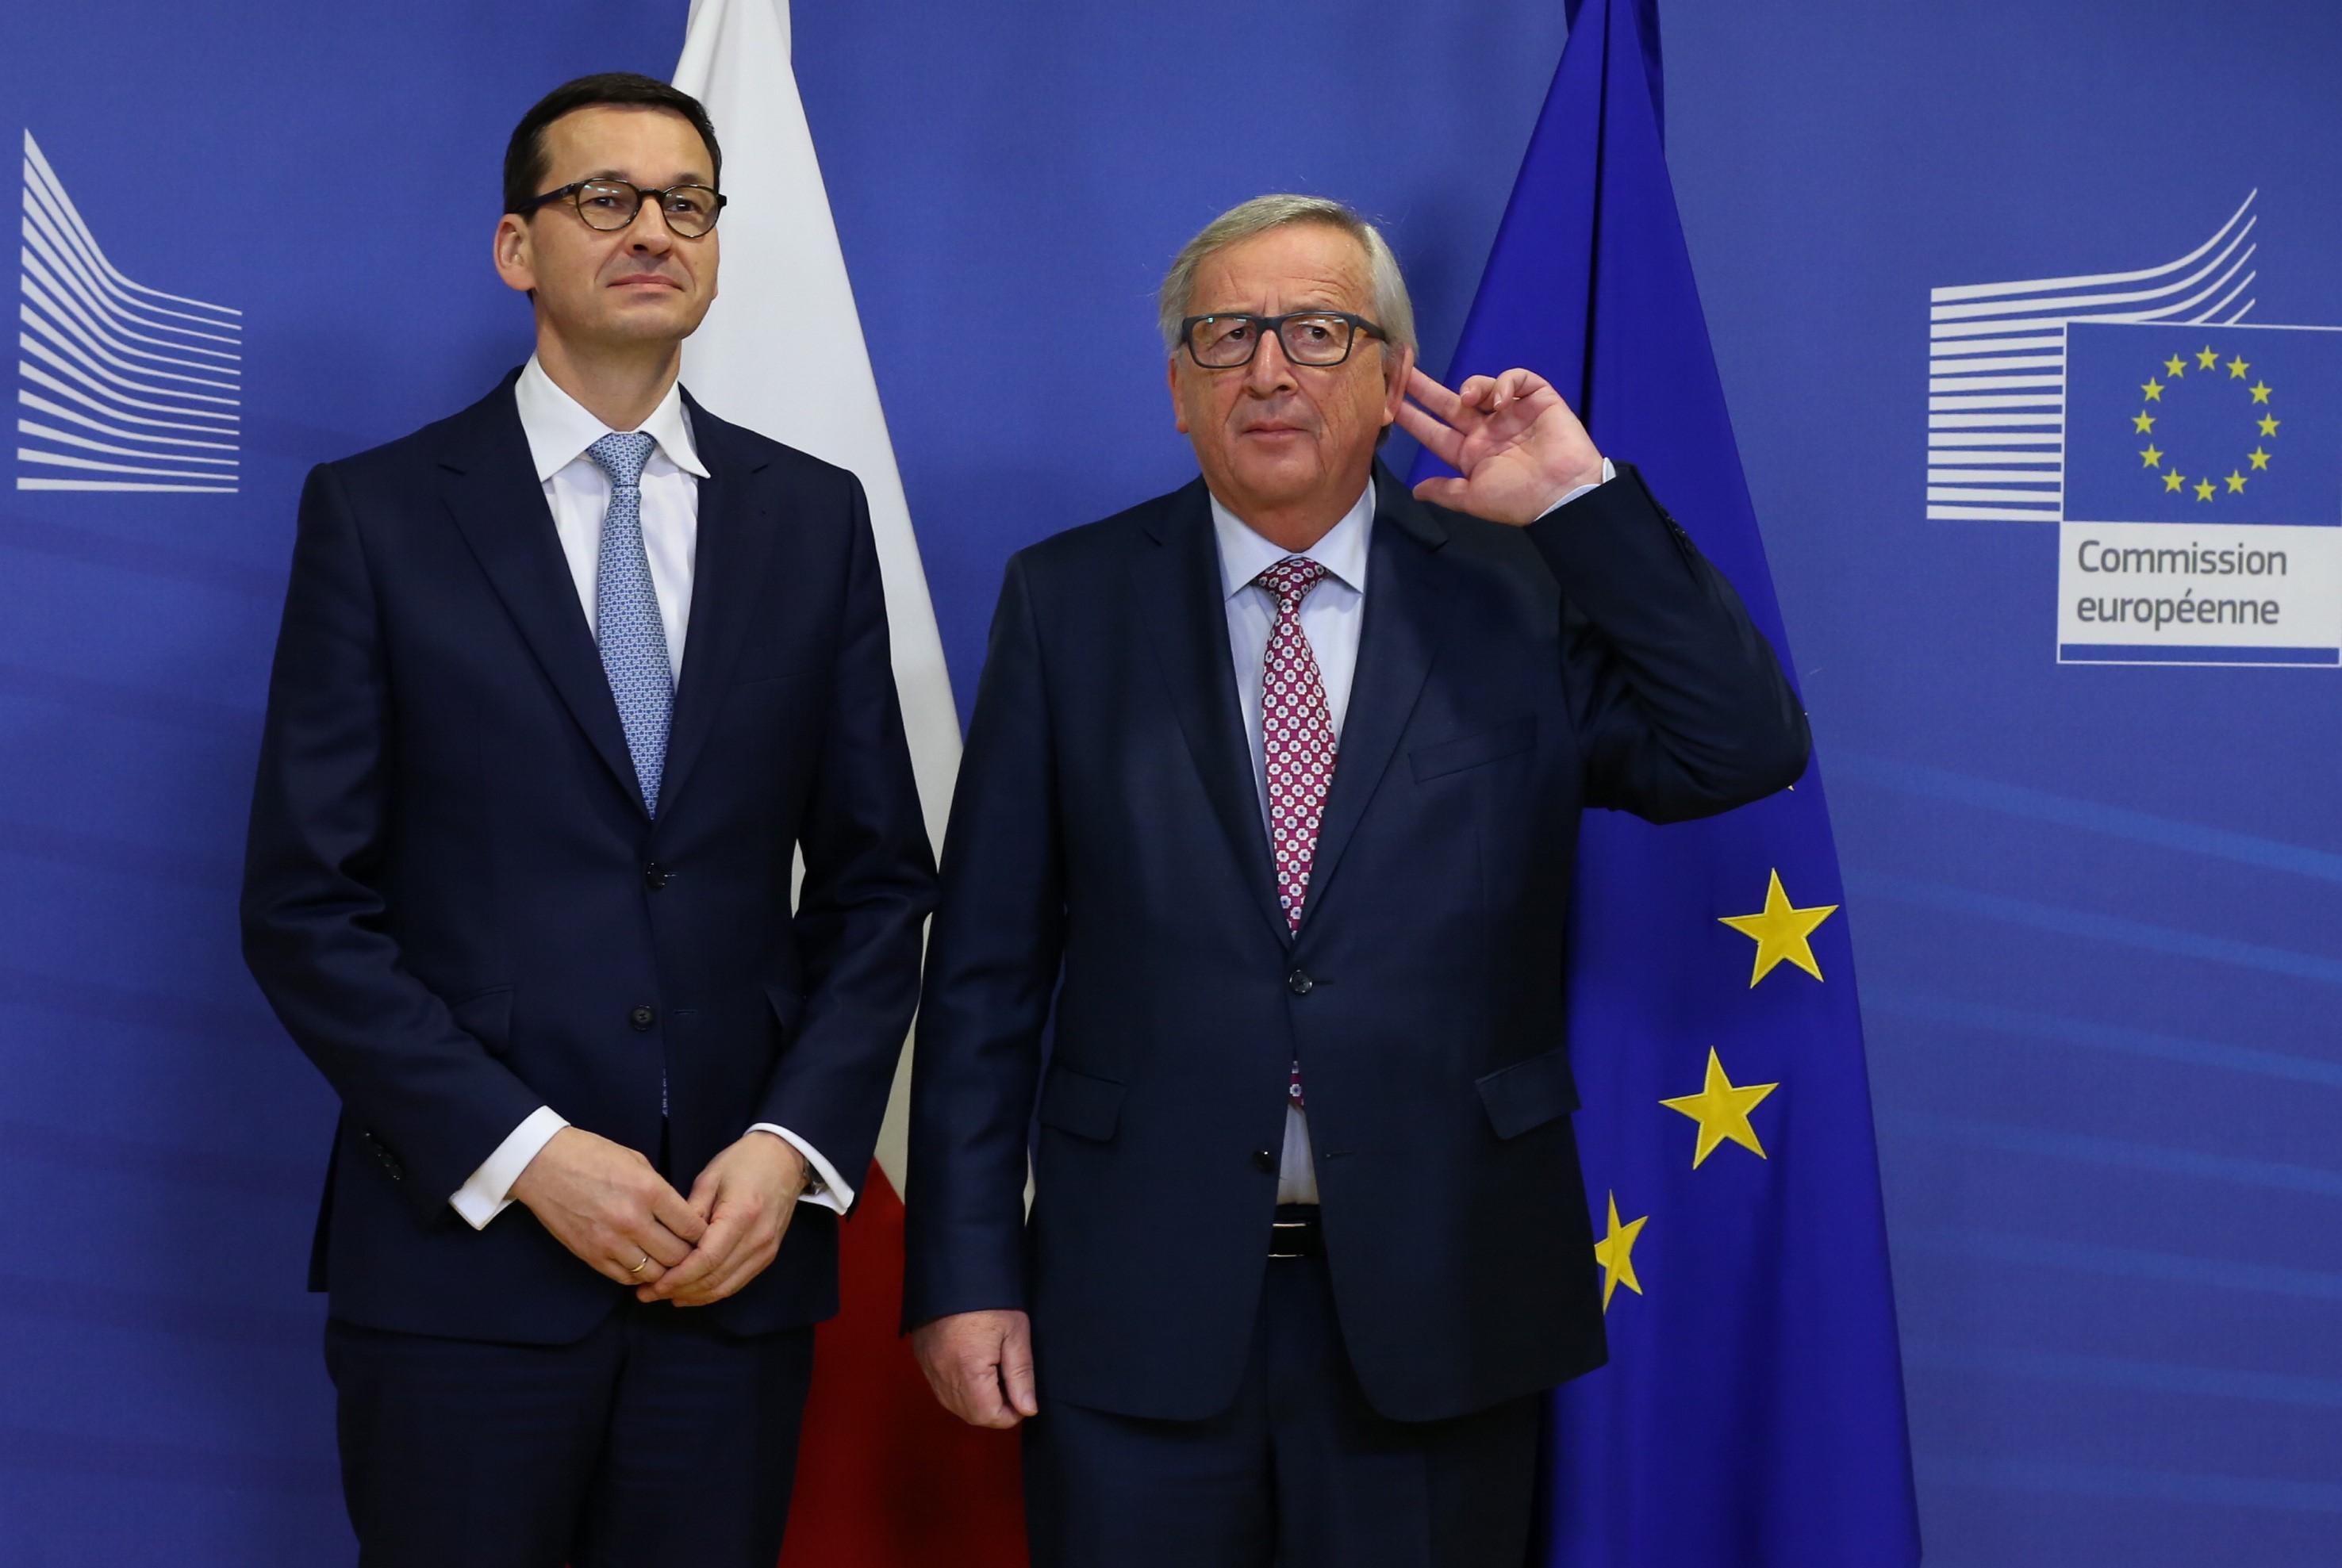 Guvernul Poloniei şi-a apărat reformele controversate din justiţie, la Bruxelles. Premierul Morawiecki insistă că nu va ceda în faţa presiunilor statelor UE